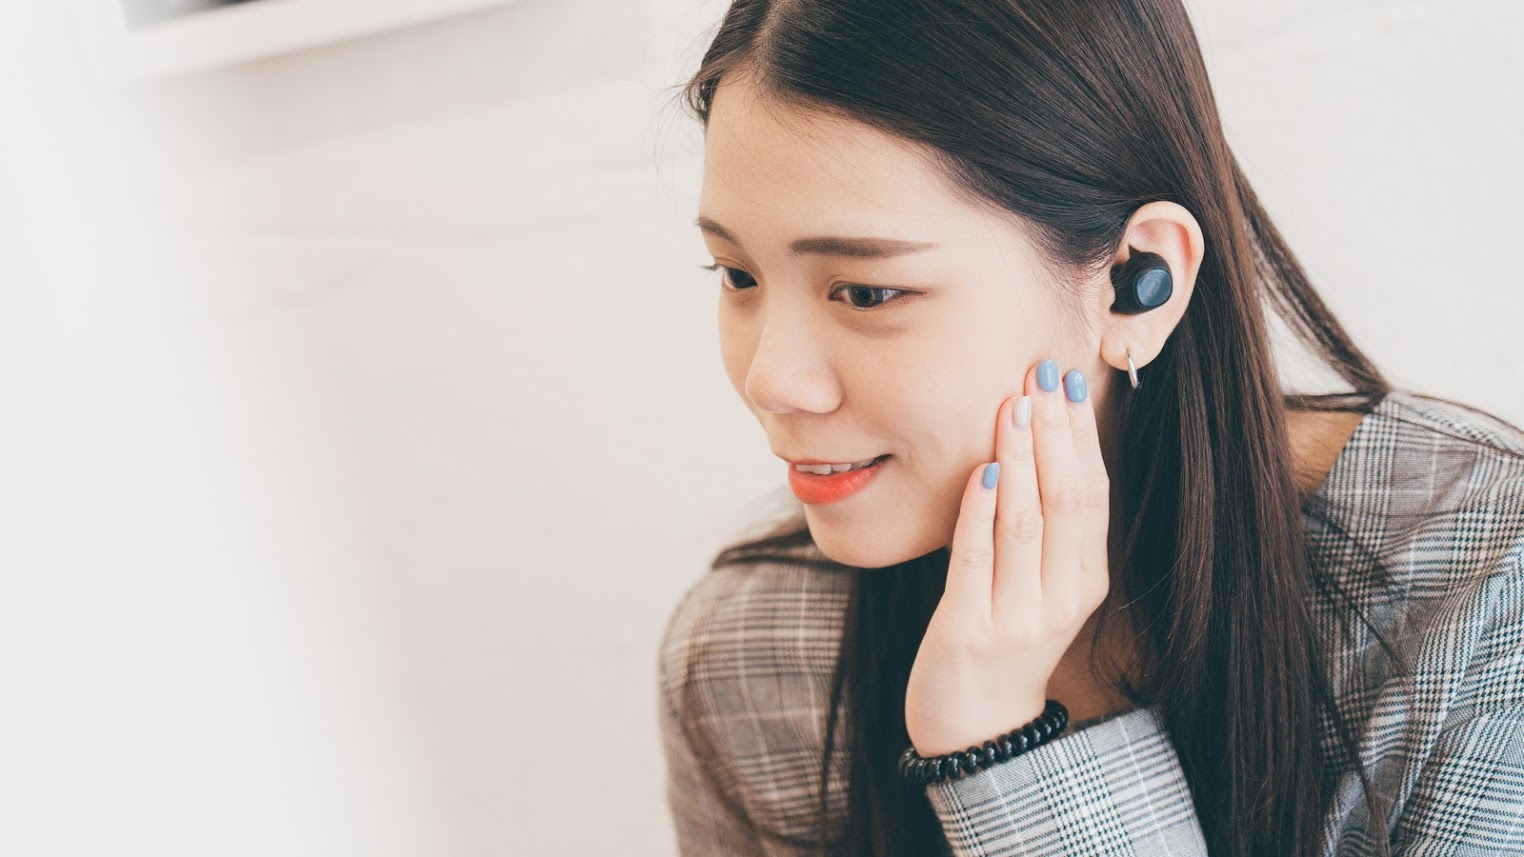 升級什麼?TaoTronics Duo Free+ 開箱真無線藍牙耳機!